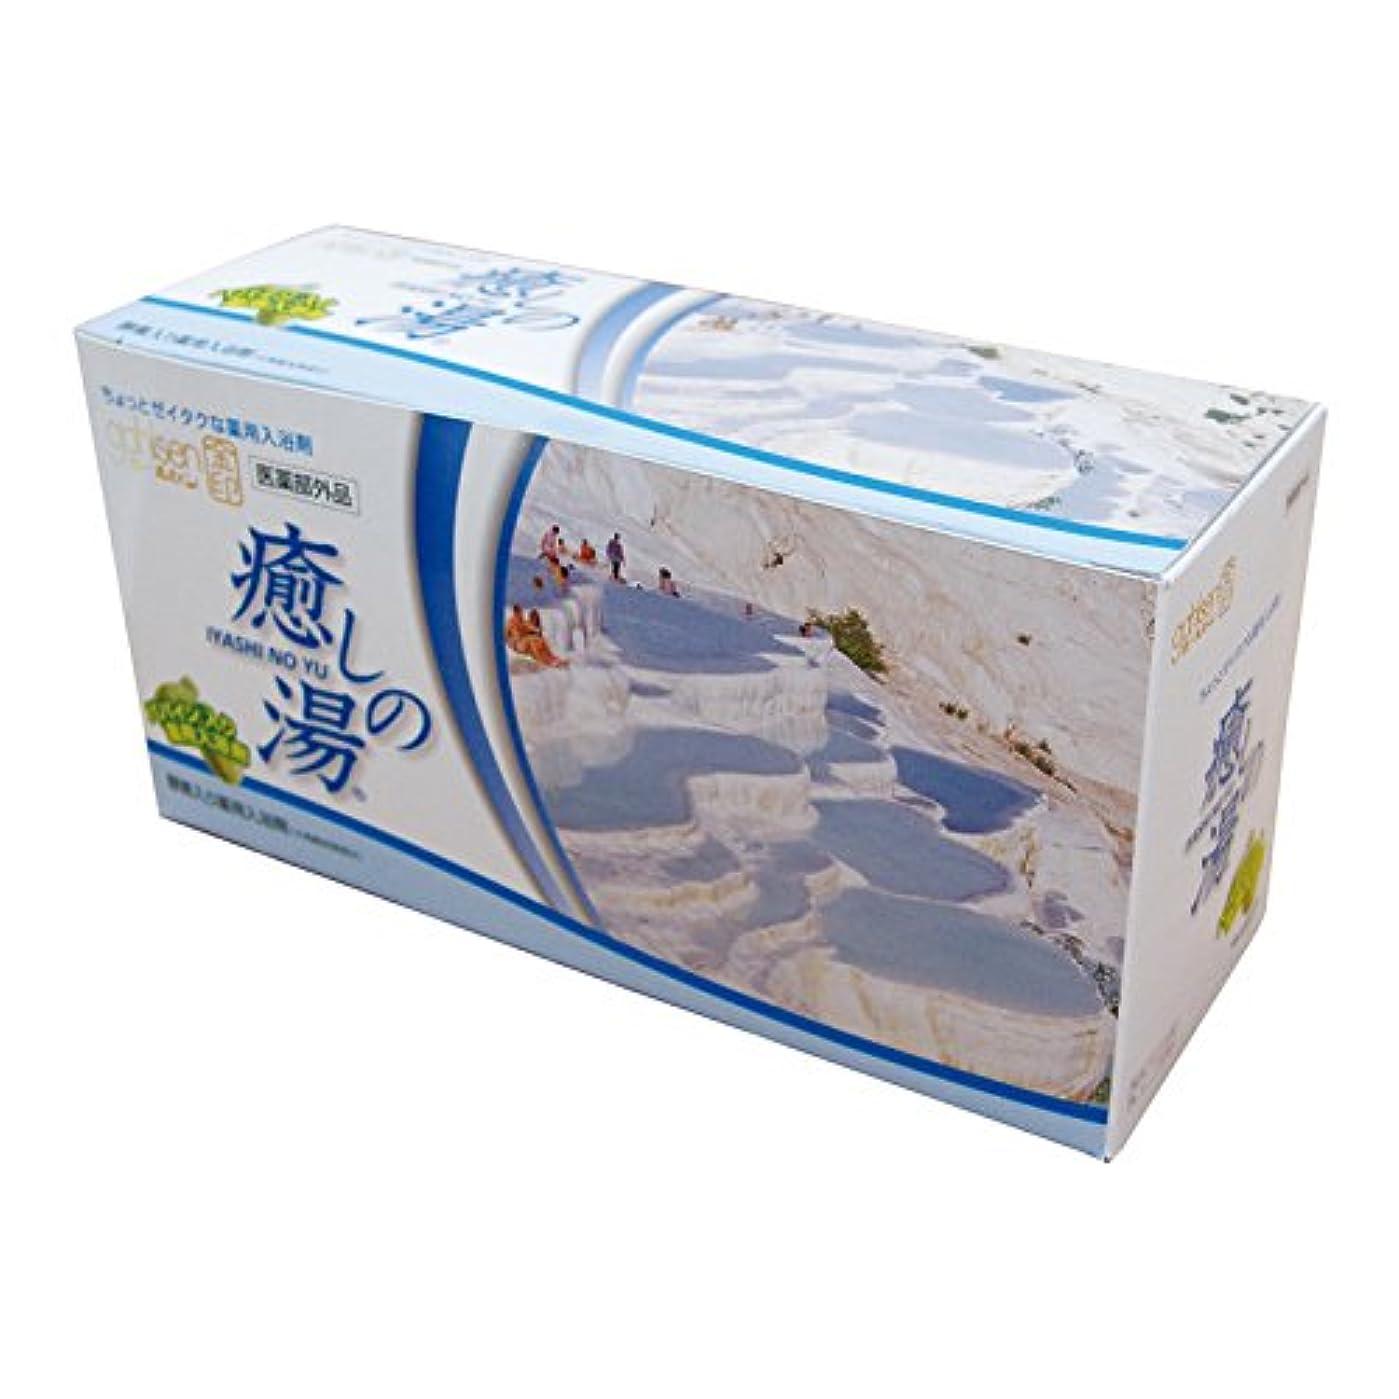 収縮持つ薄いですBath Terminal 【入浴剤】ガールセン 癒しの湯 金印 30包入【日本生化学正規代理店】